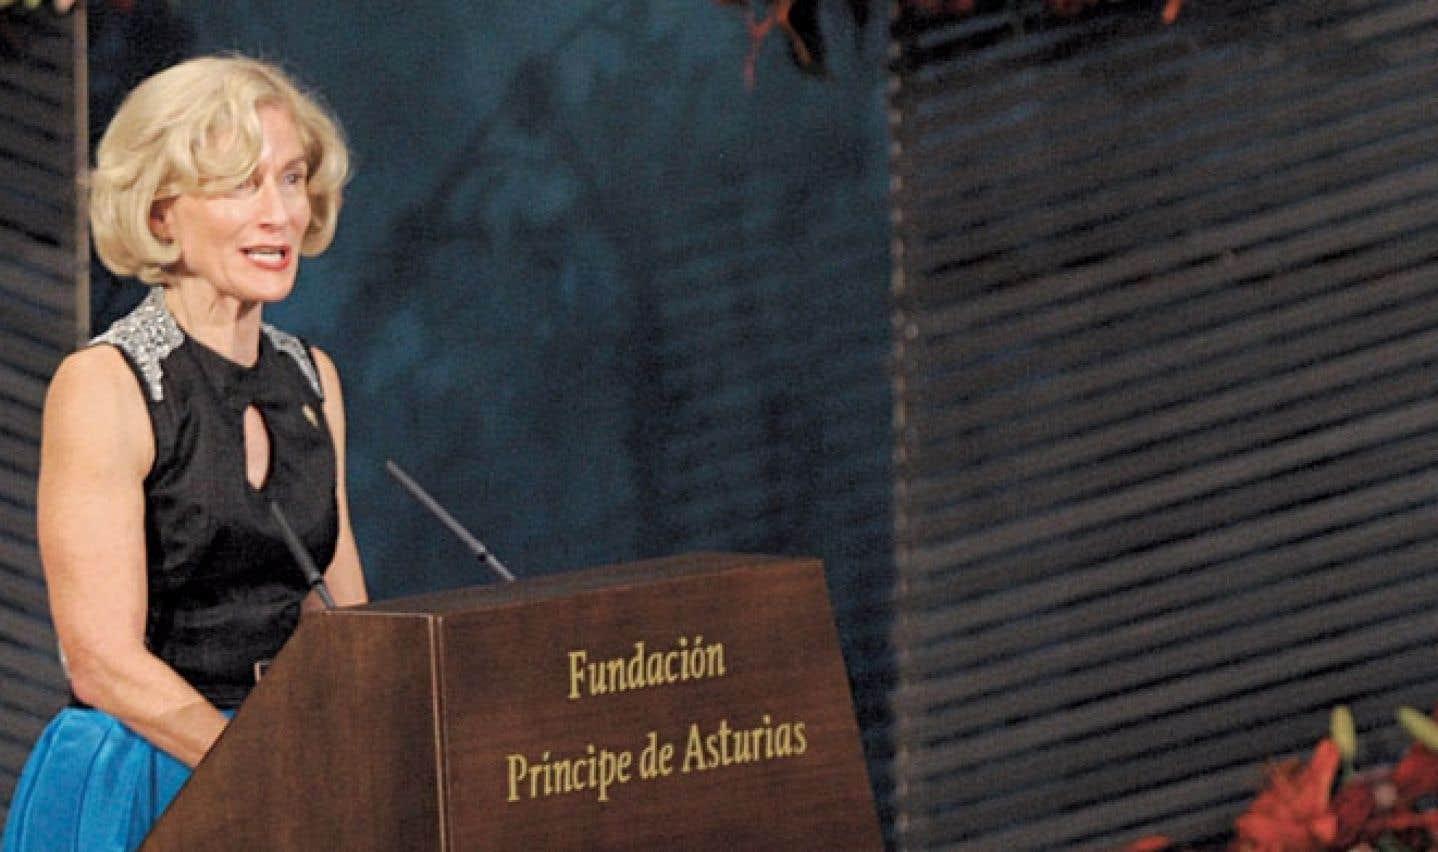 Martha C. Nussbaum prononce un discours après avoir reçu le prix des sciences sociales Prince des Asturies lors d'une cérémonie à Ovideo, en Espagne, le 26 octobre 2012.